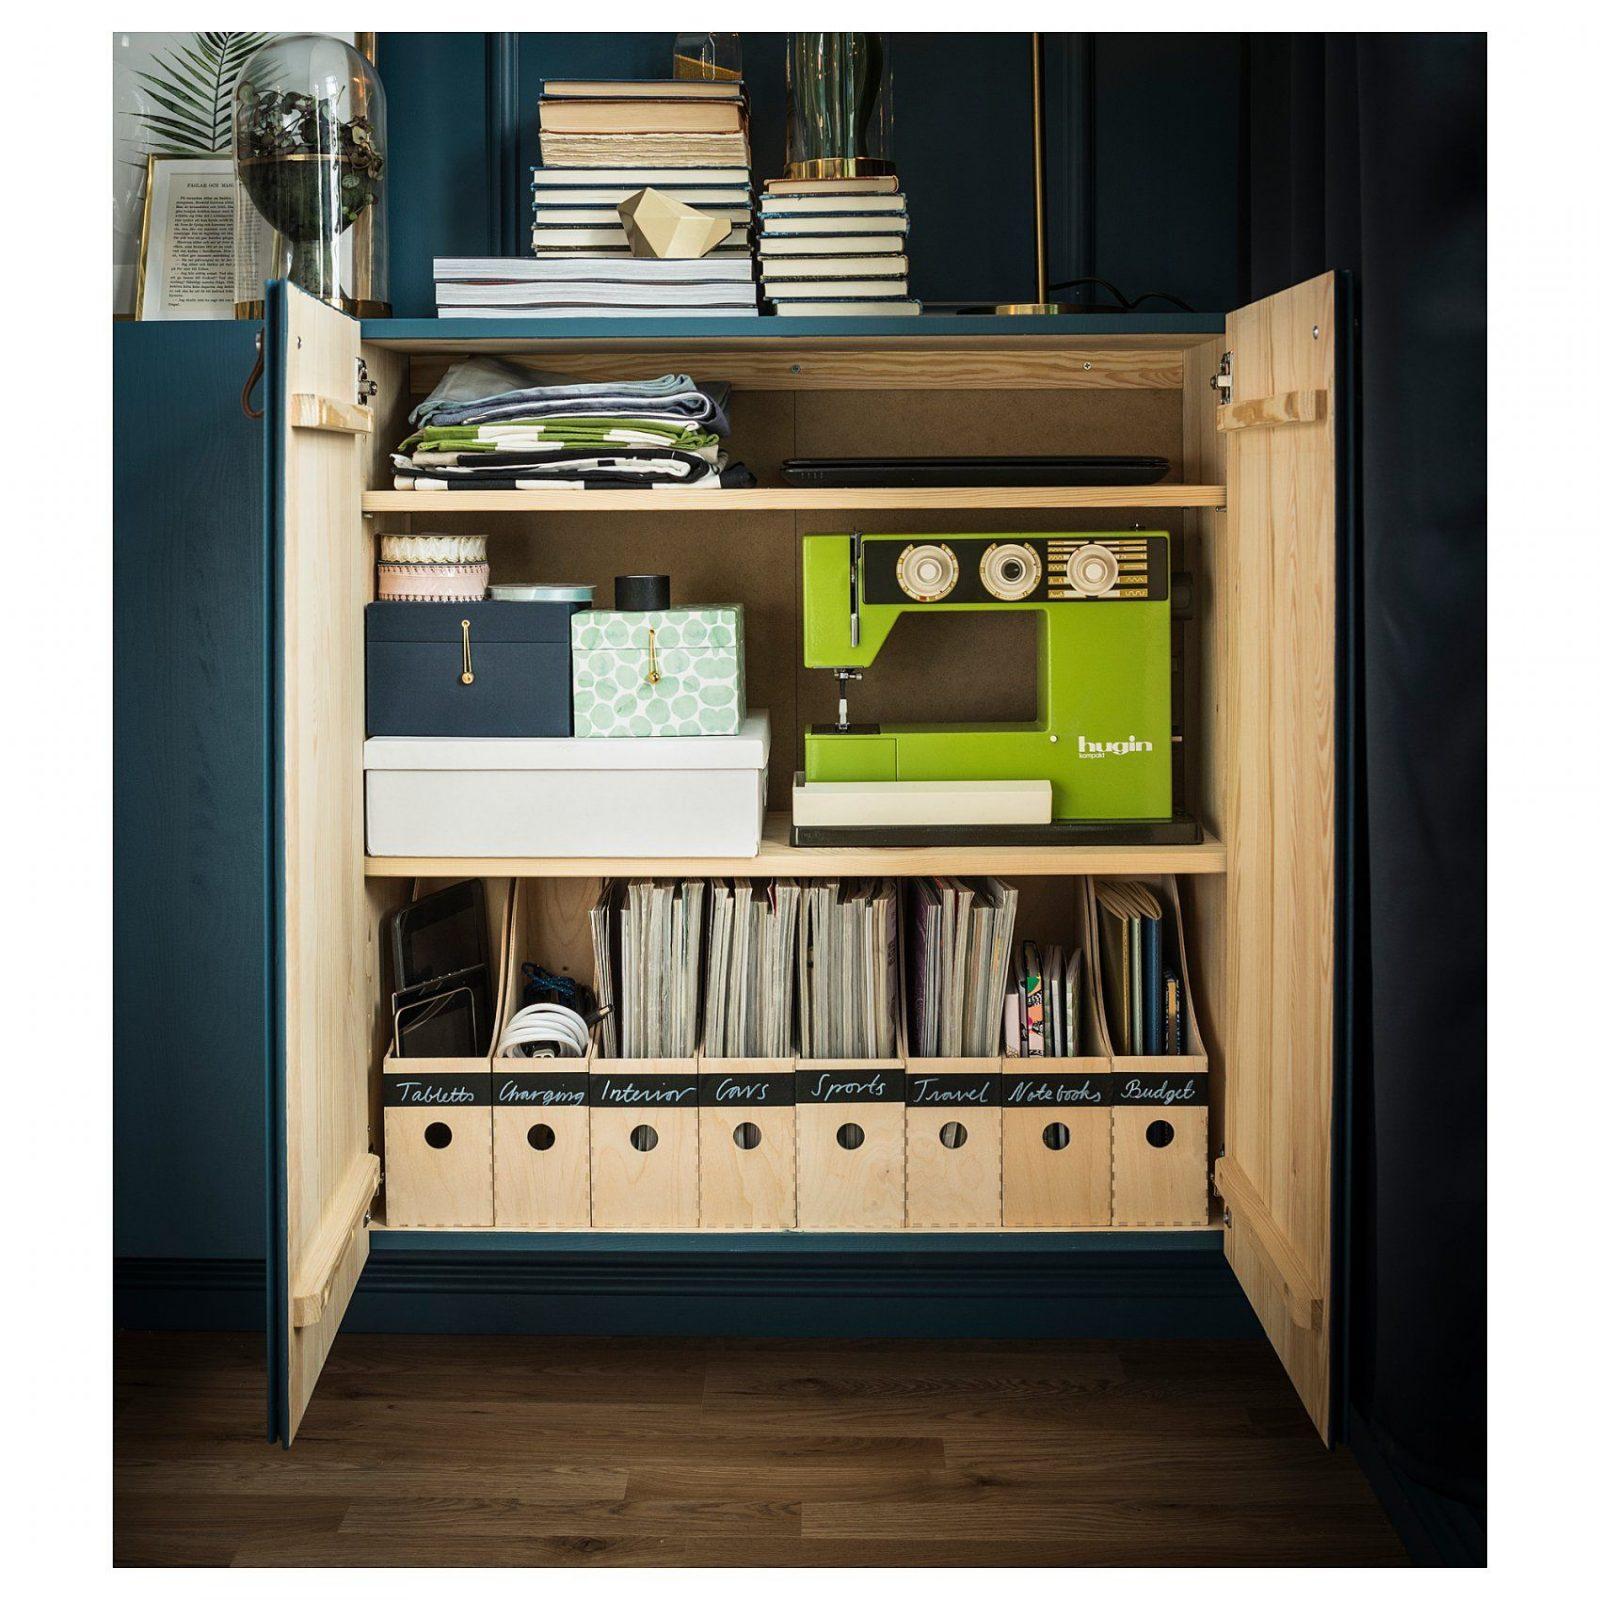 Badezimmer Schrank  Erstaunlich Ikea Ivar Einbau In Pantry All von Ikea Ivar Regal Montageanleitung Bild